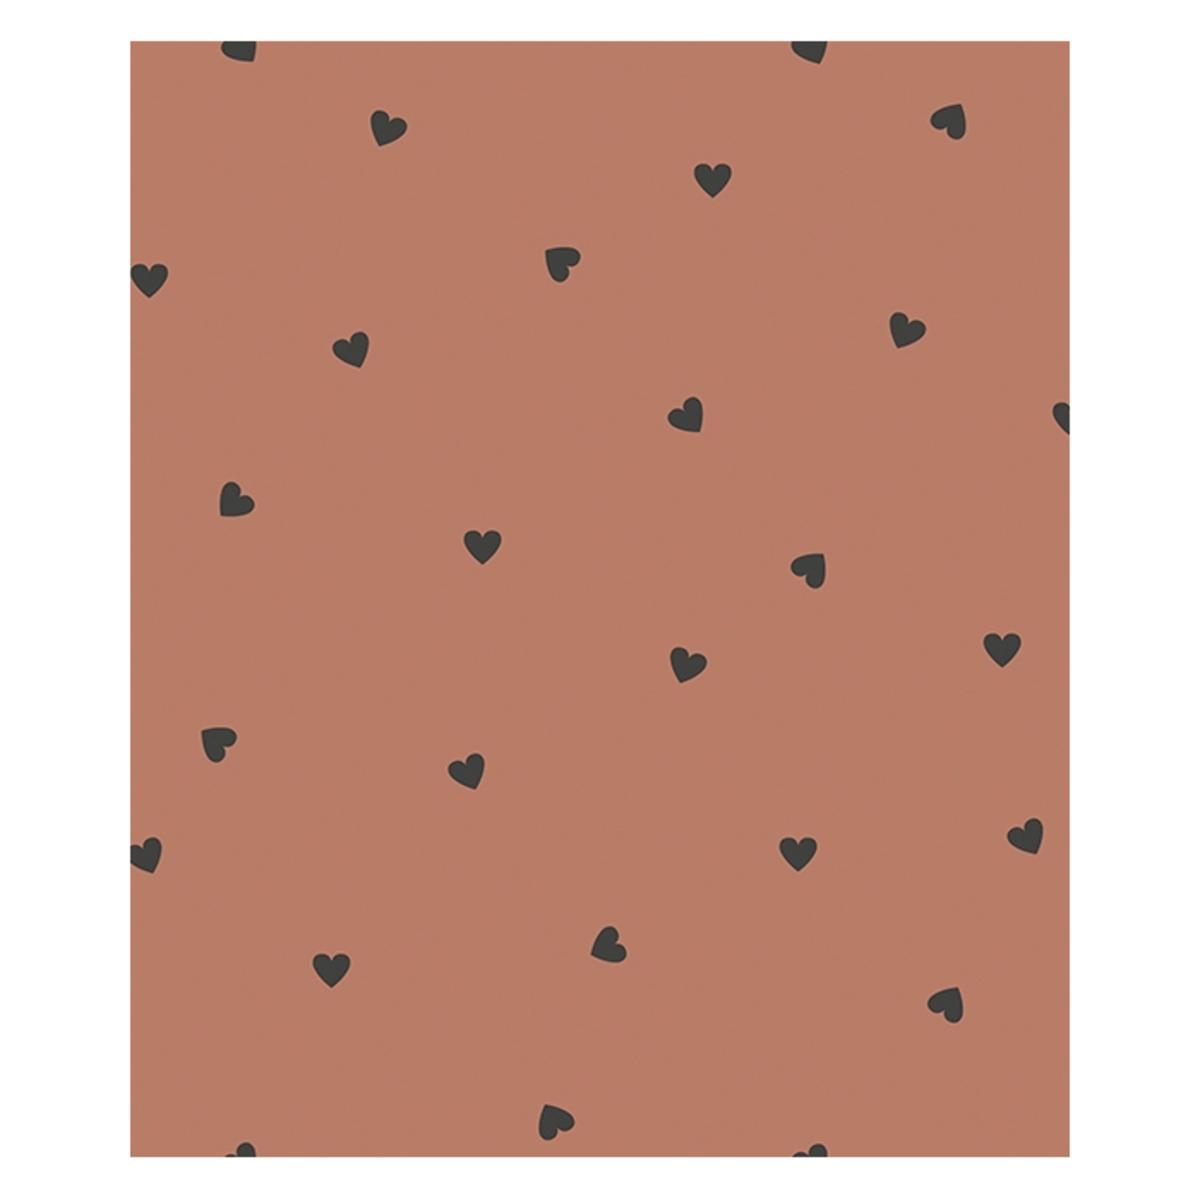 Papier peint Papier Peint Minima - Terracotta et Coeurs Noirs Papier Peint Minima - Terracotta et Coeurs Noirs